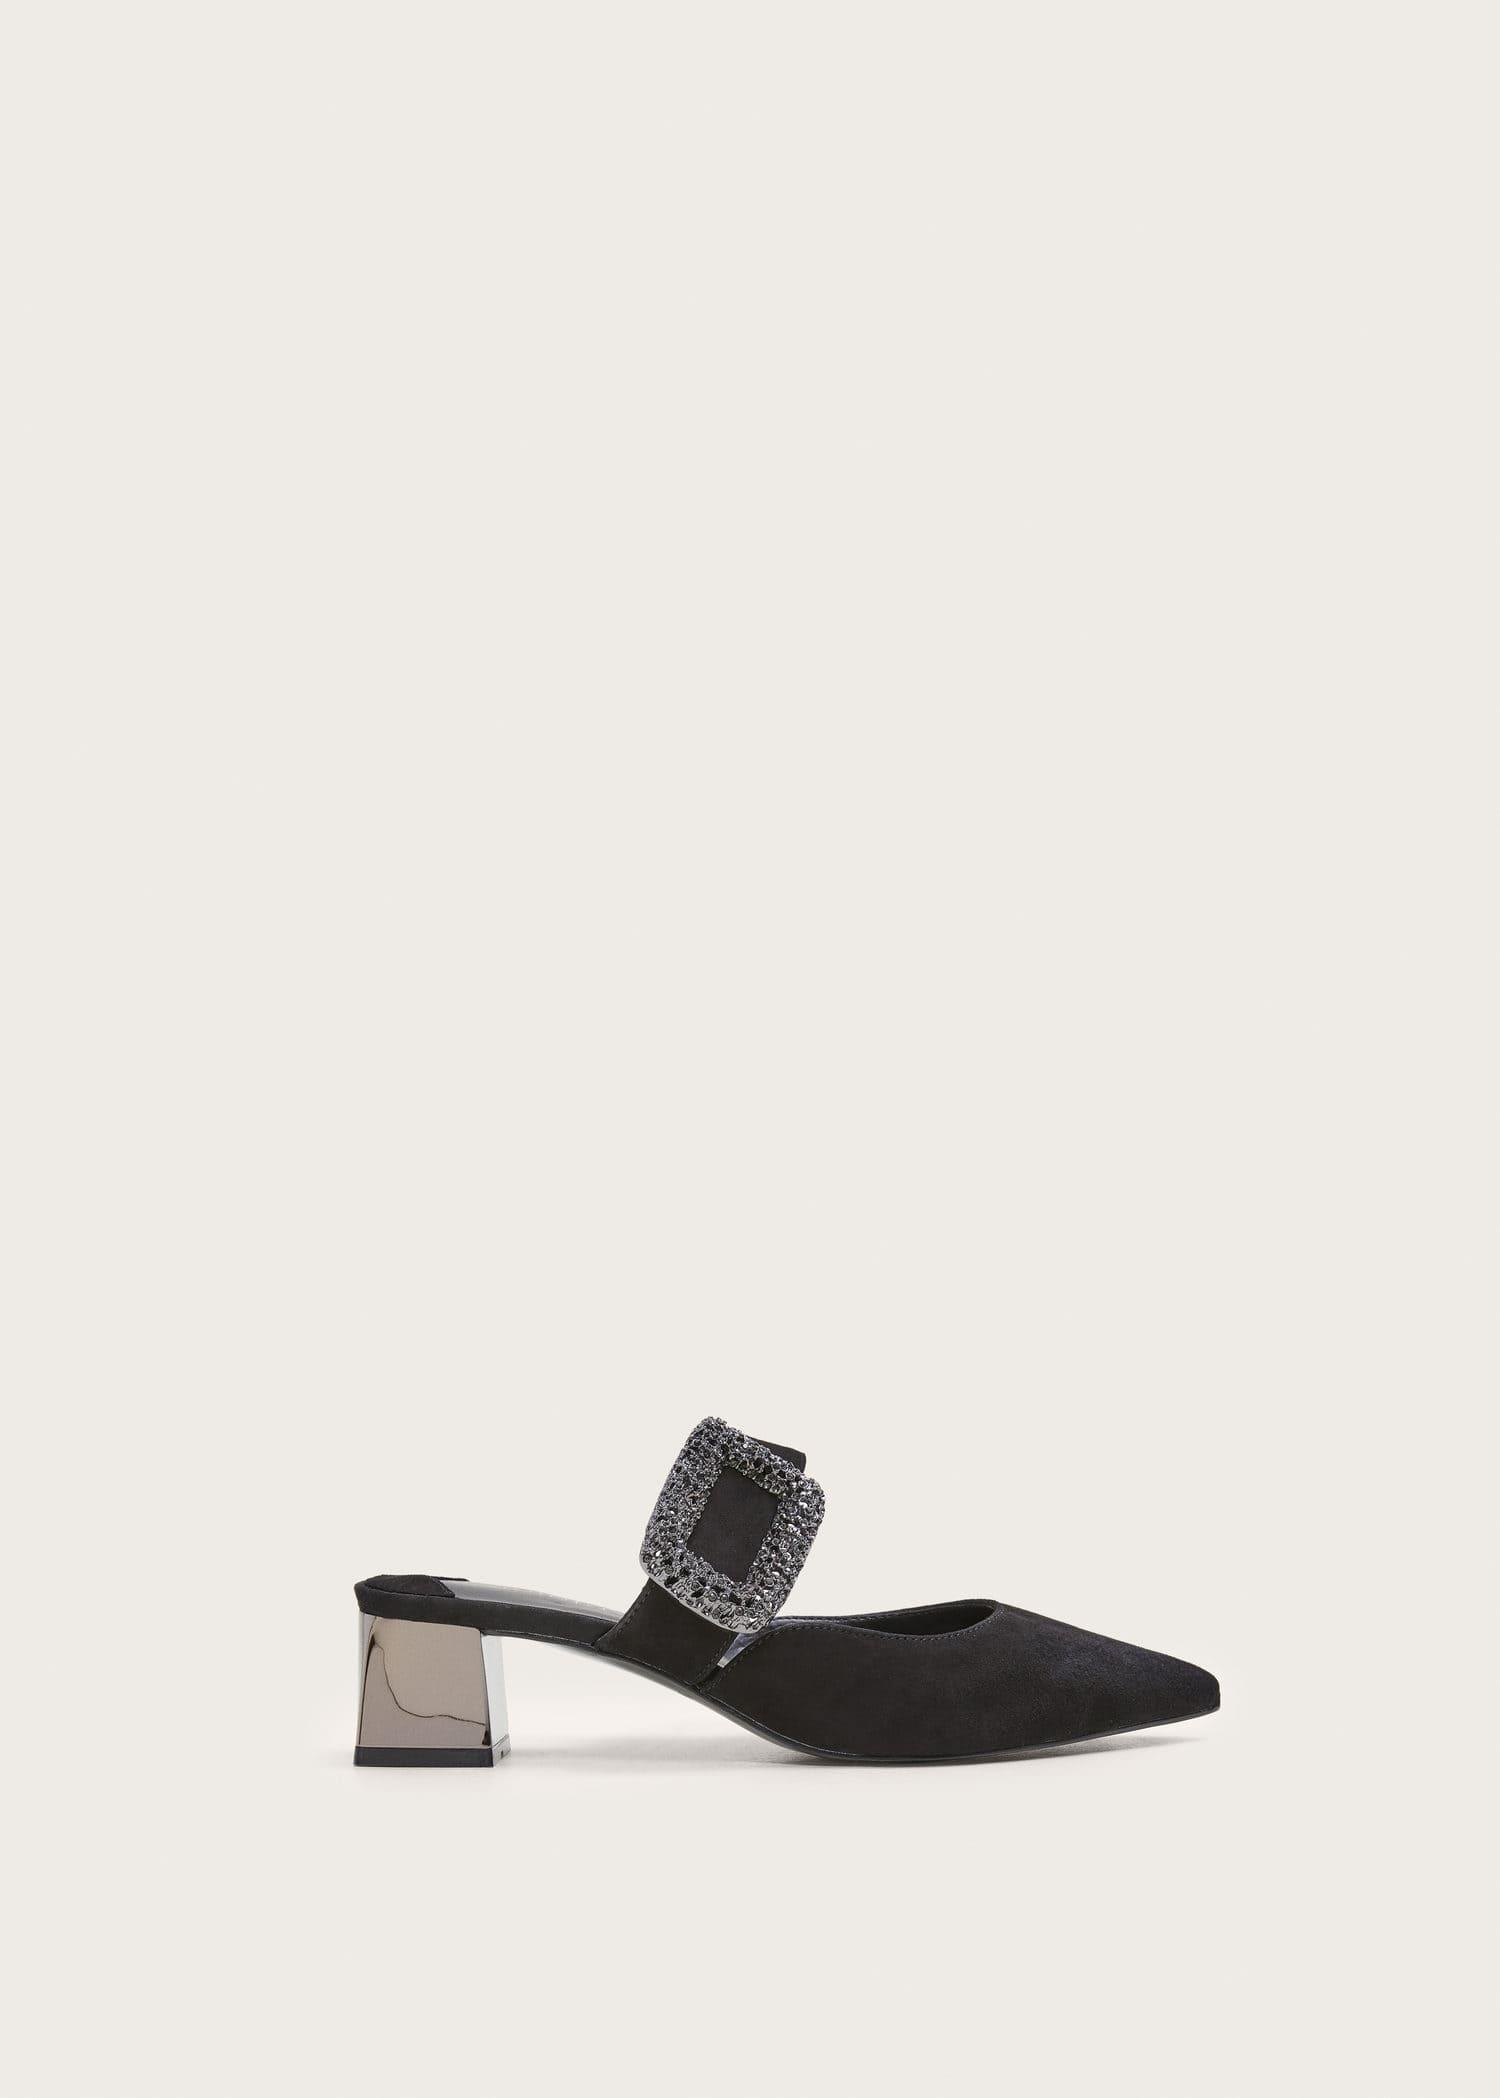 Zapato piel strass Tallas grandes   Violeta by MANGO USA